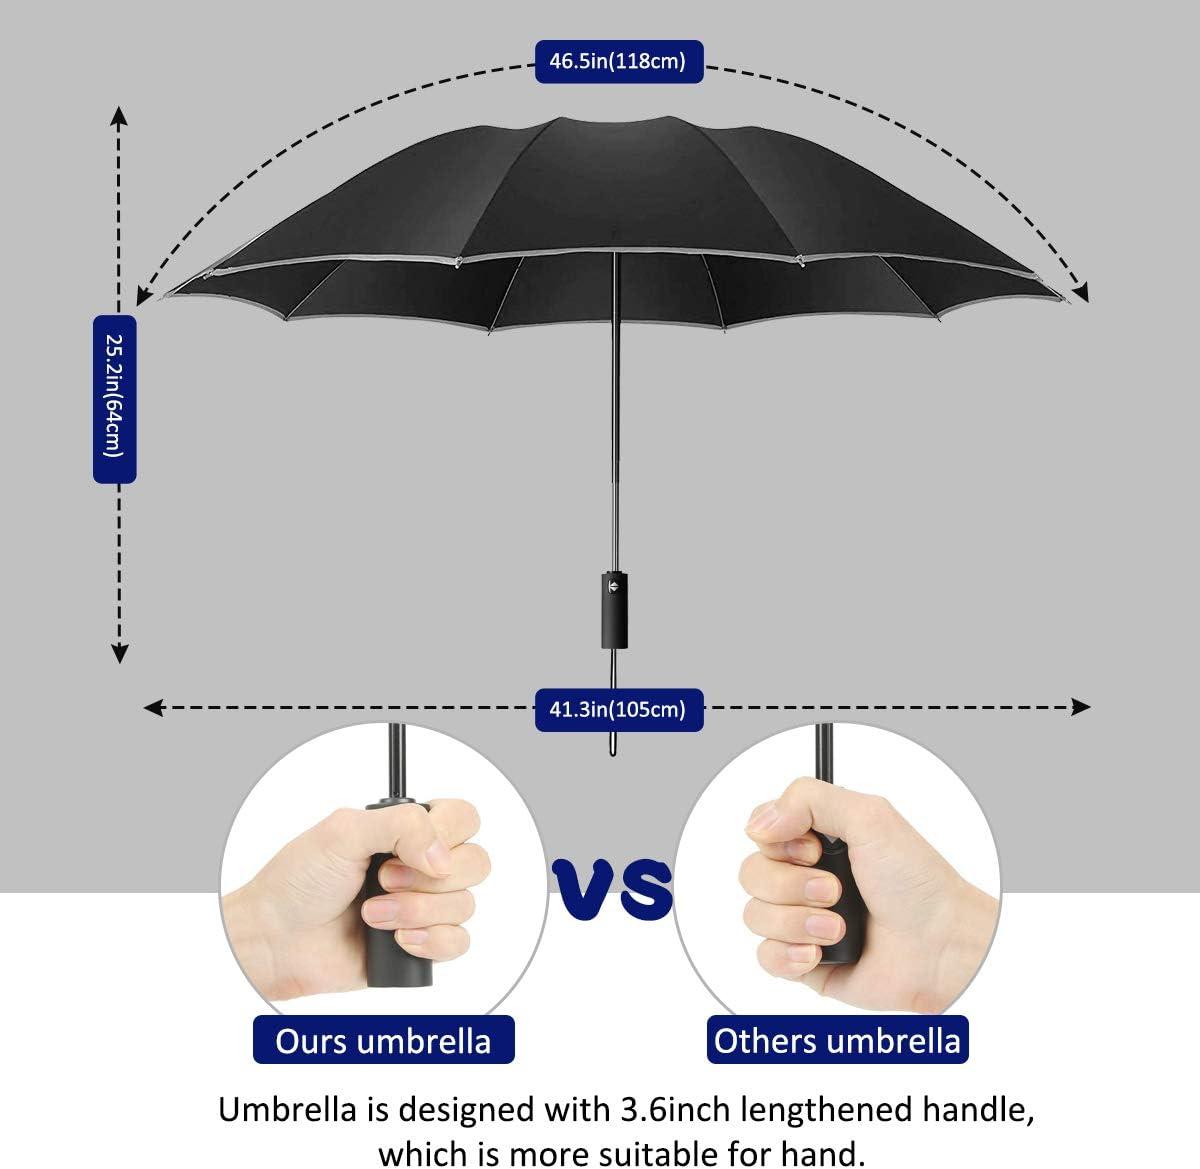 Yoophane Parapluie de Voyage invers/é Coupe-Vent avec Bandes r/éfl/échissantes 10 c/ôtes Ouverture et Fermeture Automatique Parapluie Pliable pour Homme et Femme